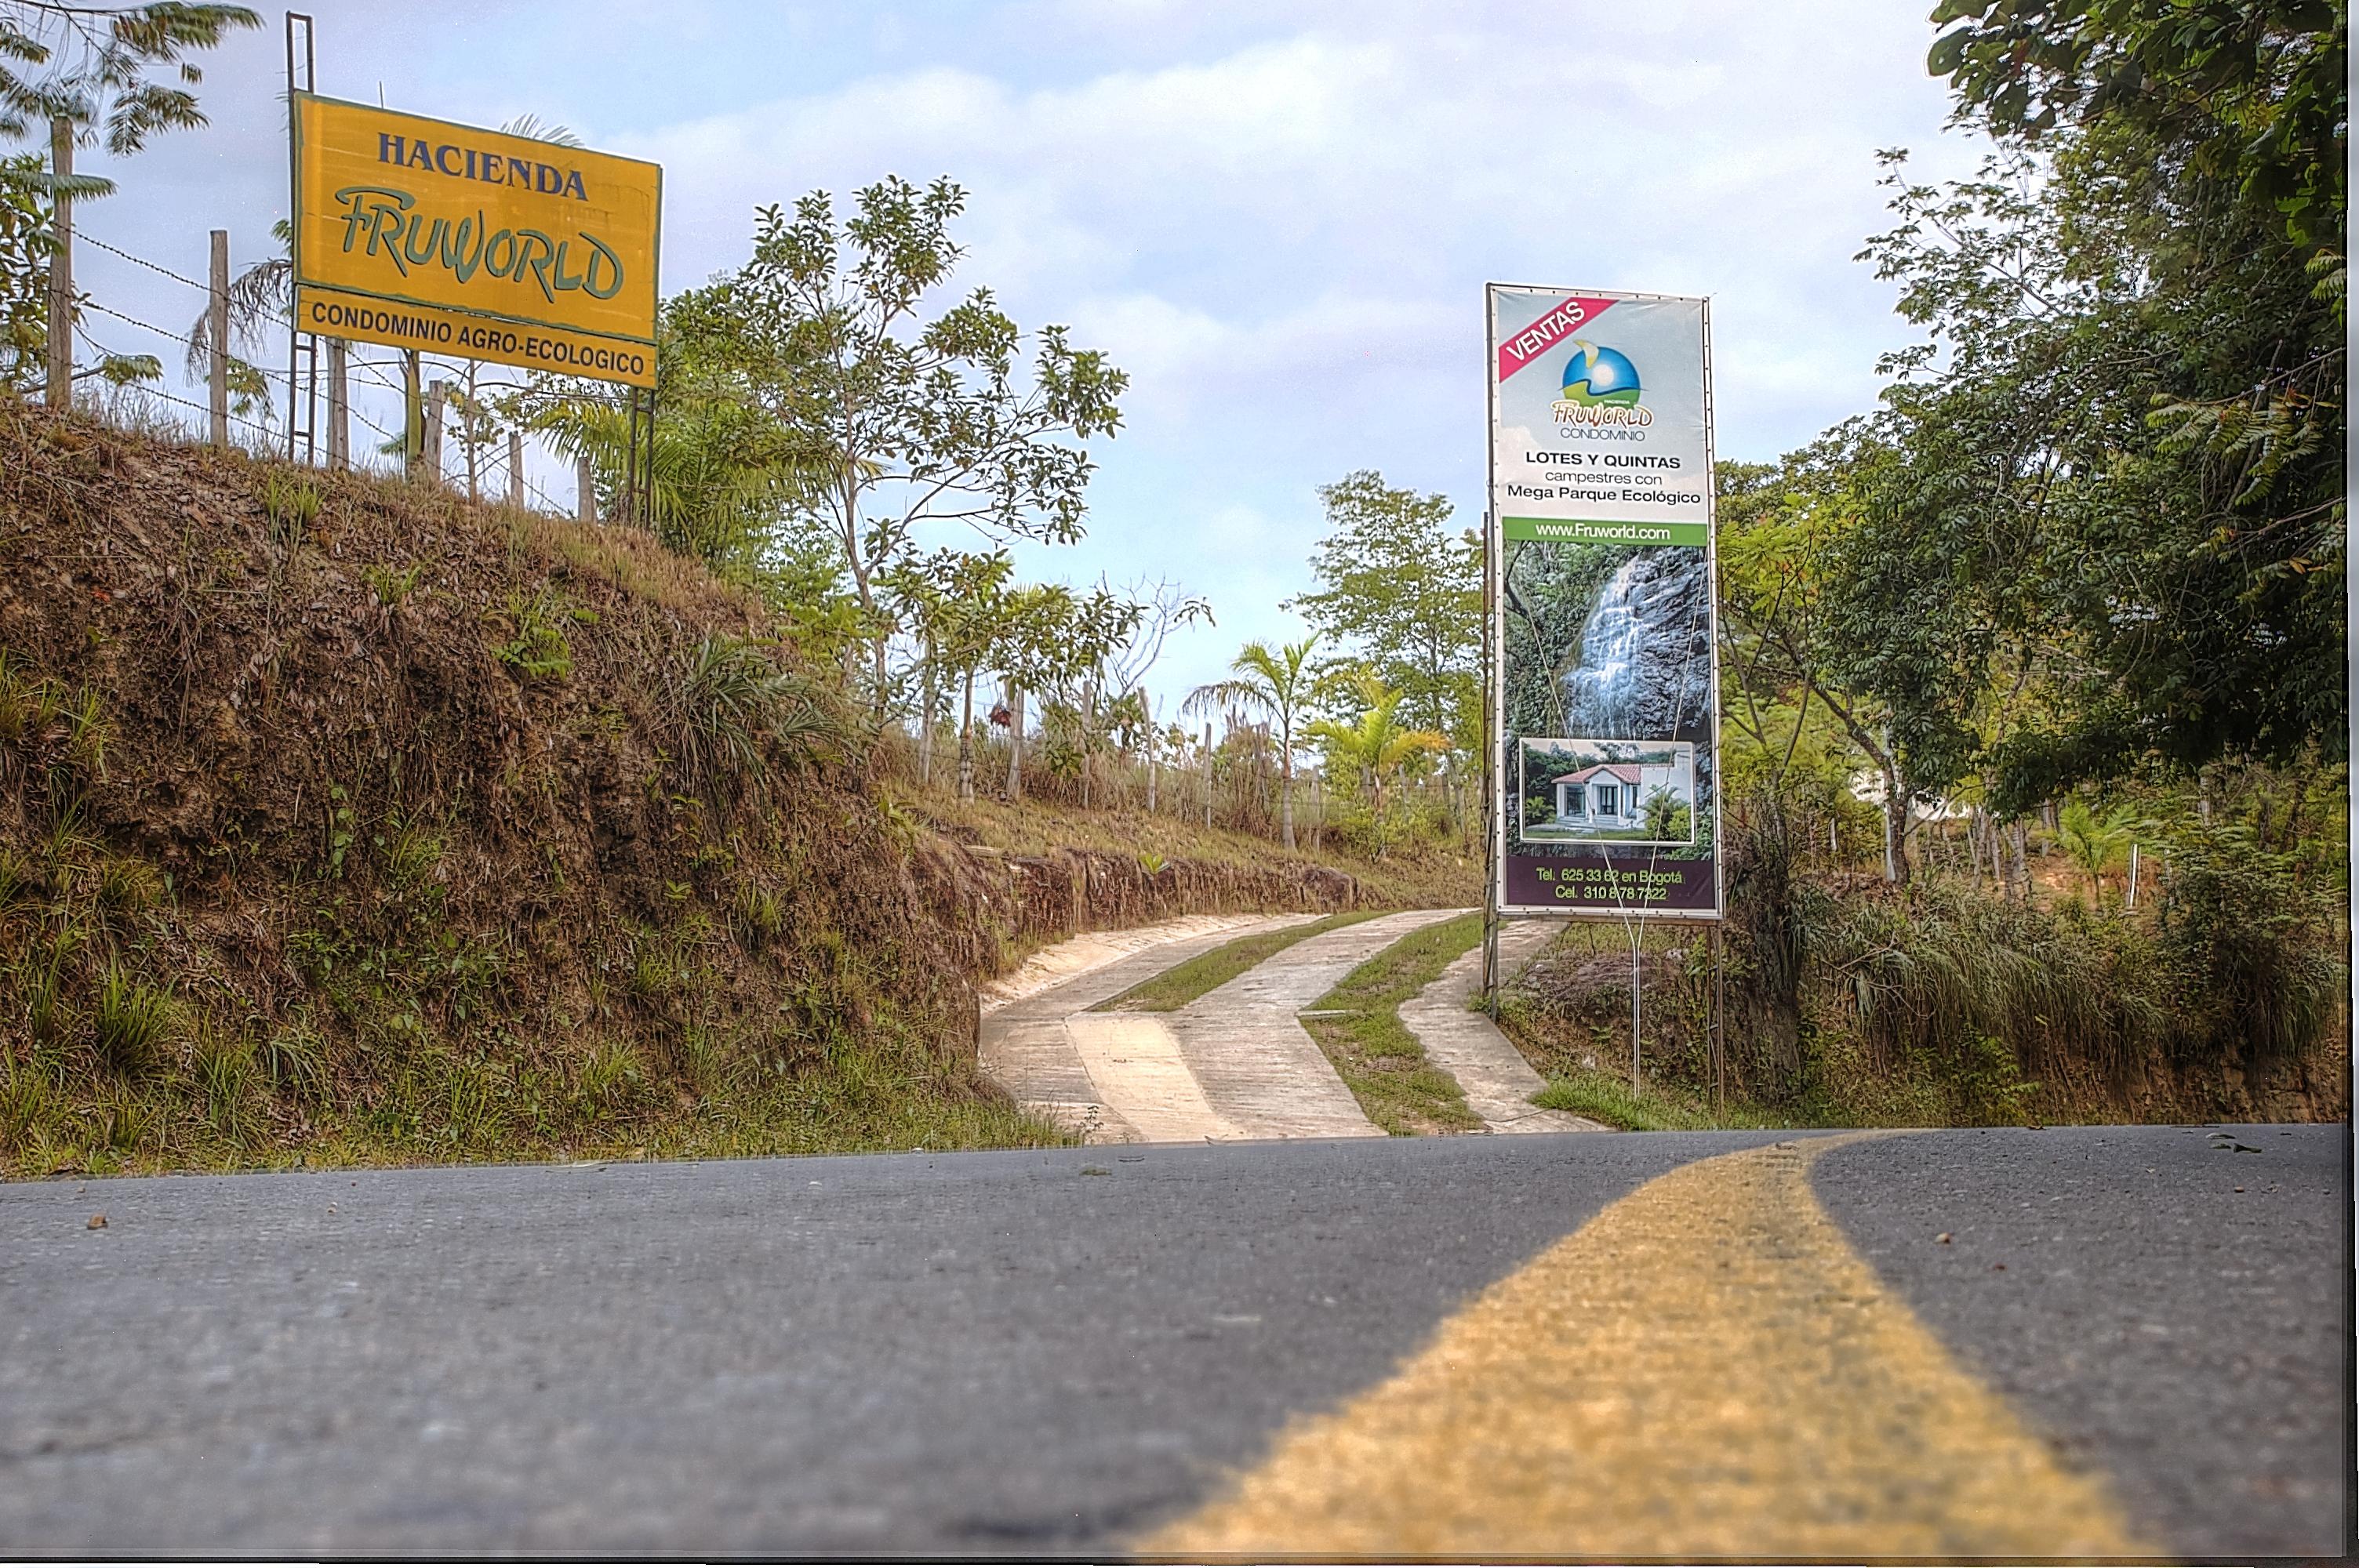 venta lotes y casas campestres colombia carmen de apicala fruworld via entrada condominio